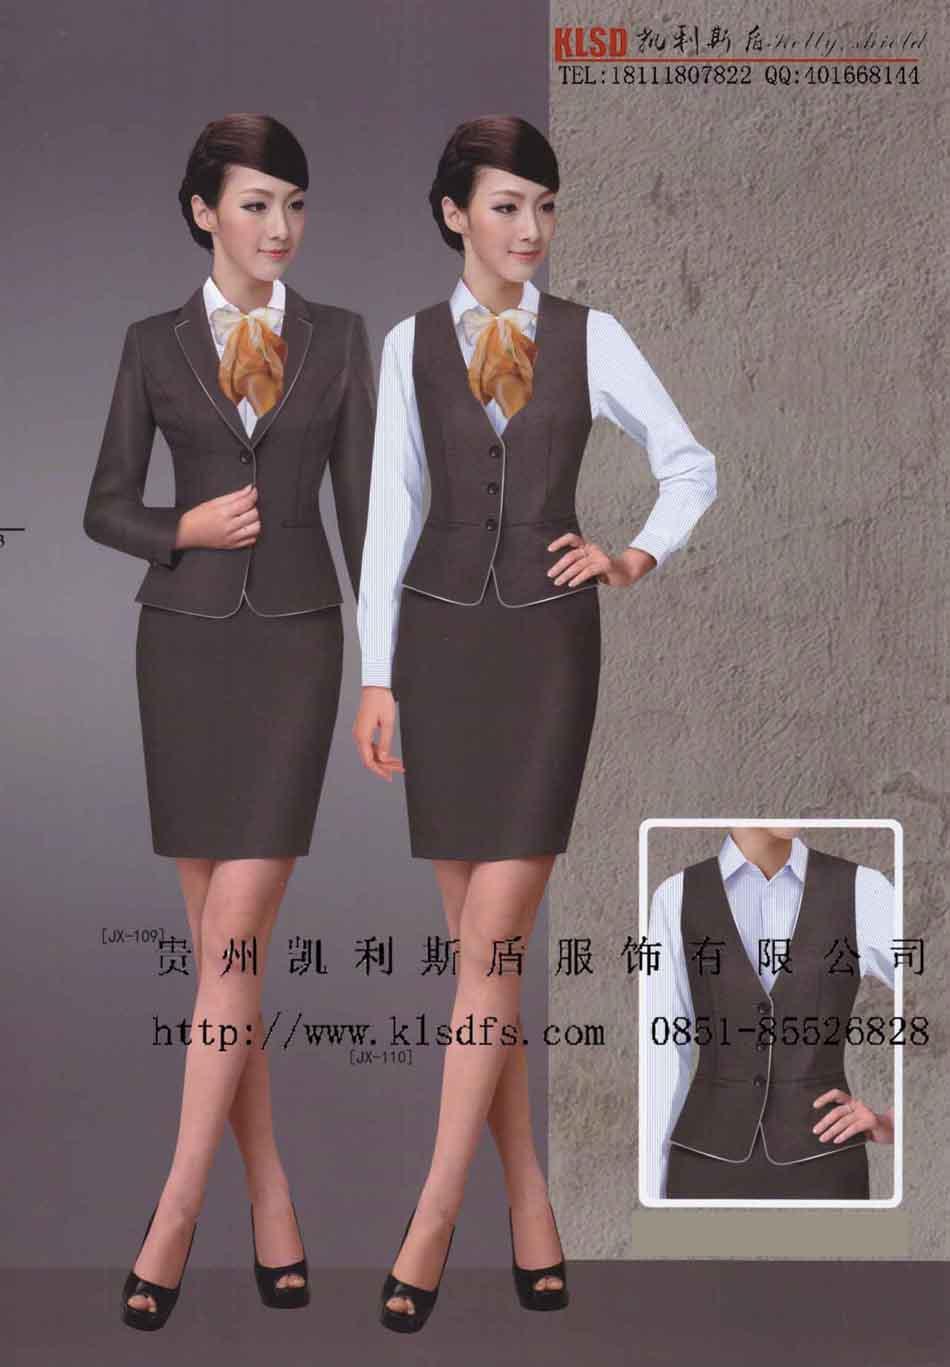 高端女装价格_贵州凯利斯盾供应划算的高端女装